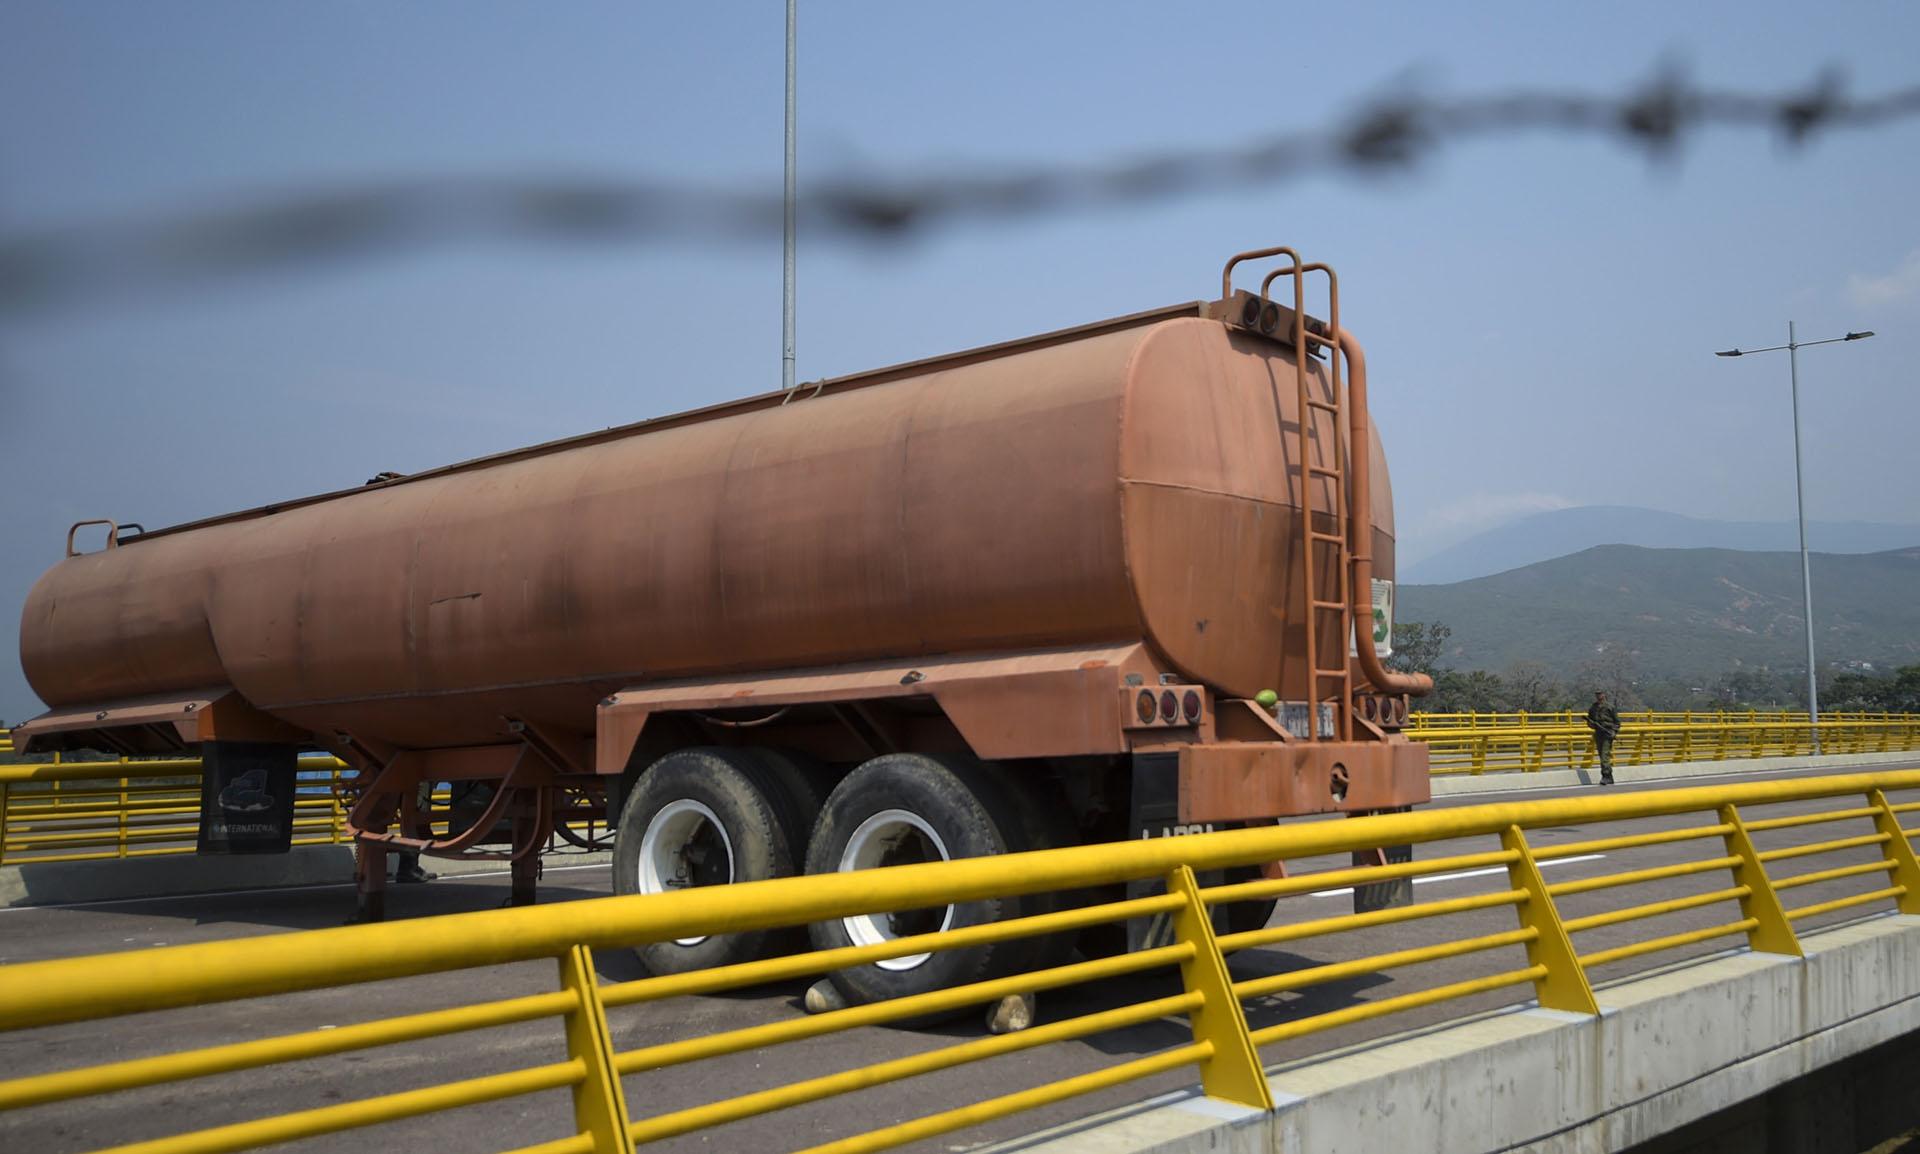 el Gobierno colombiano insistió este miércoles en que continúa trabajando en el proceso de recepción de las ayudas. Para manejar la logística se instaló el lunes pasado un puesto de mando unificado (PMU) que está ubicado en unas bodegas que colindan con el paso fronterizo de Tienditas